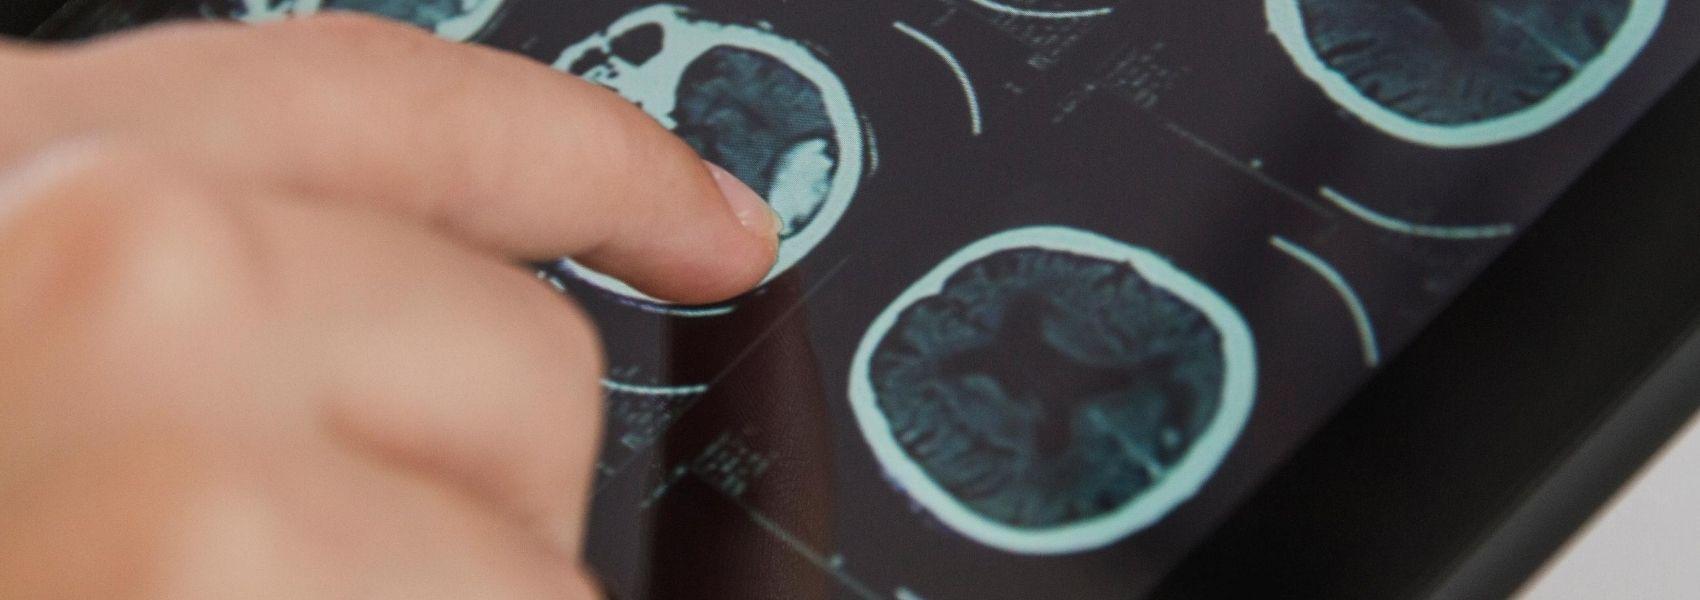 teste para Alzheimer